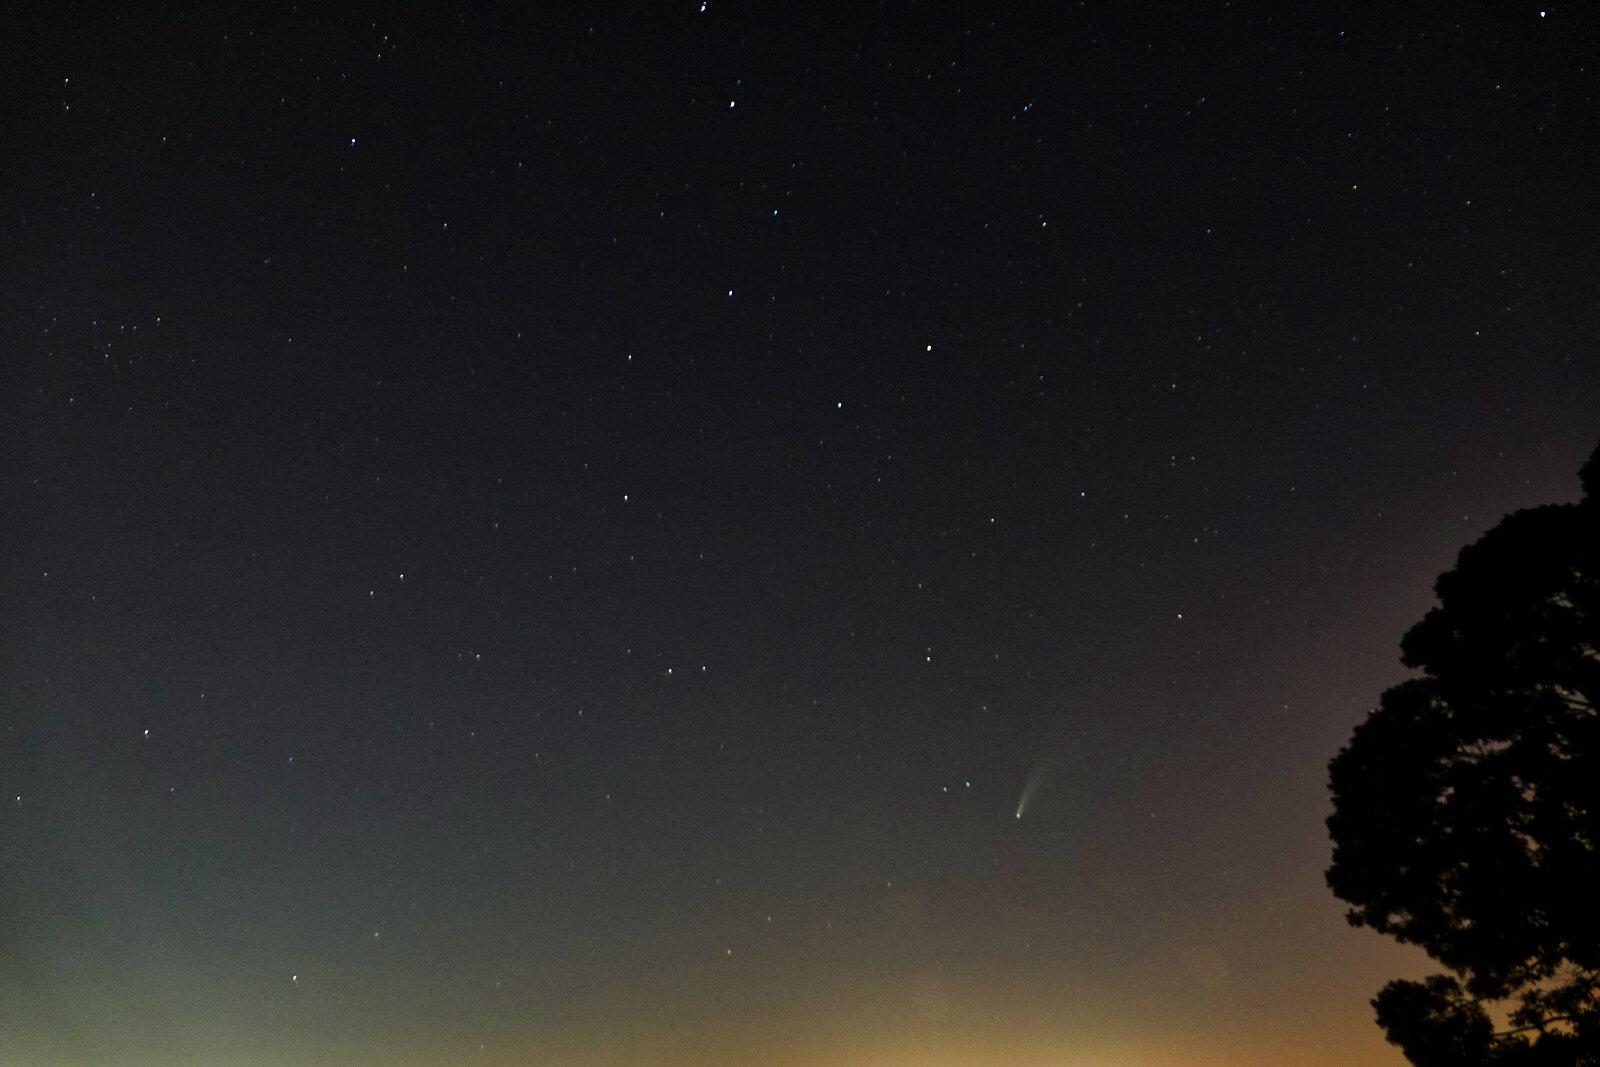 RX10 Comet neowise 002 B.jpg